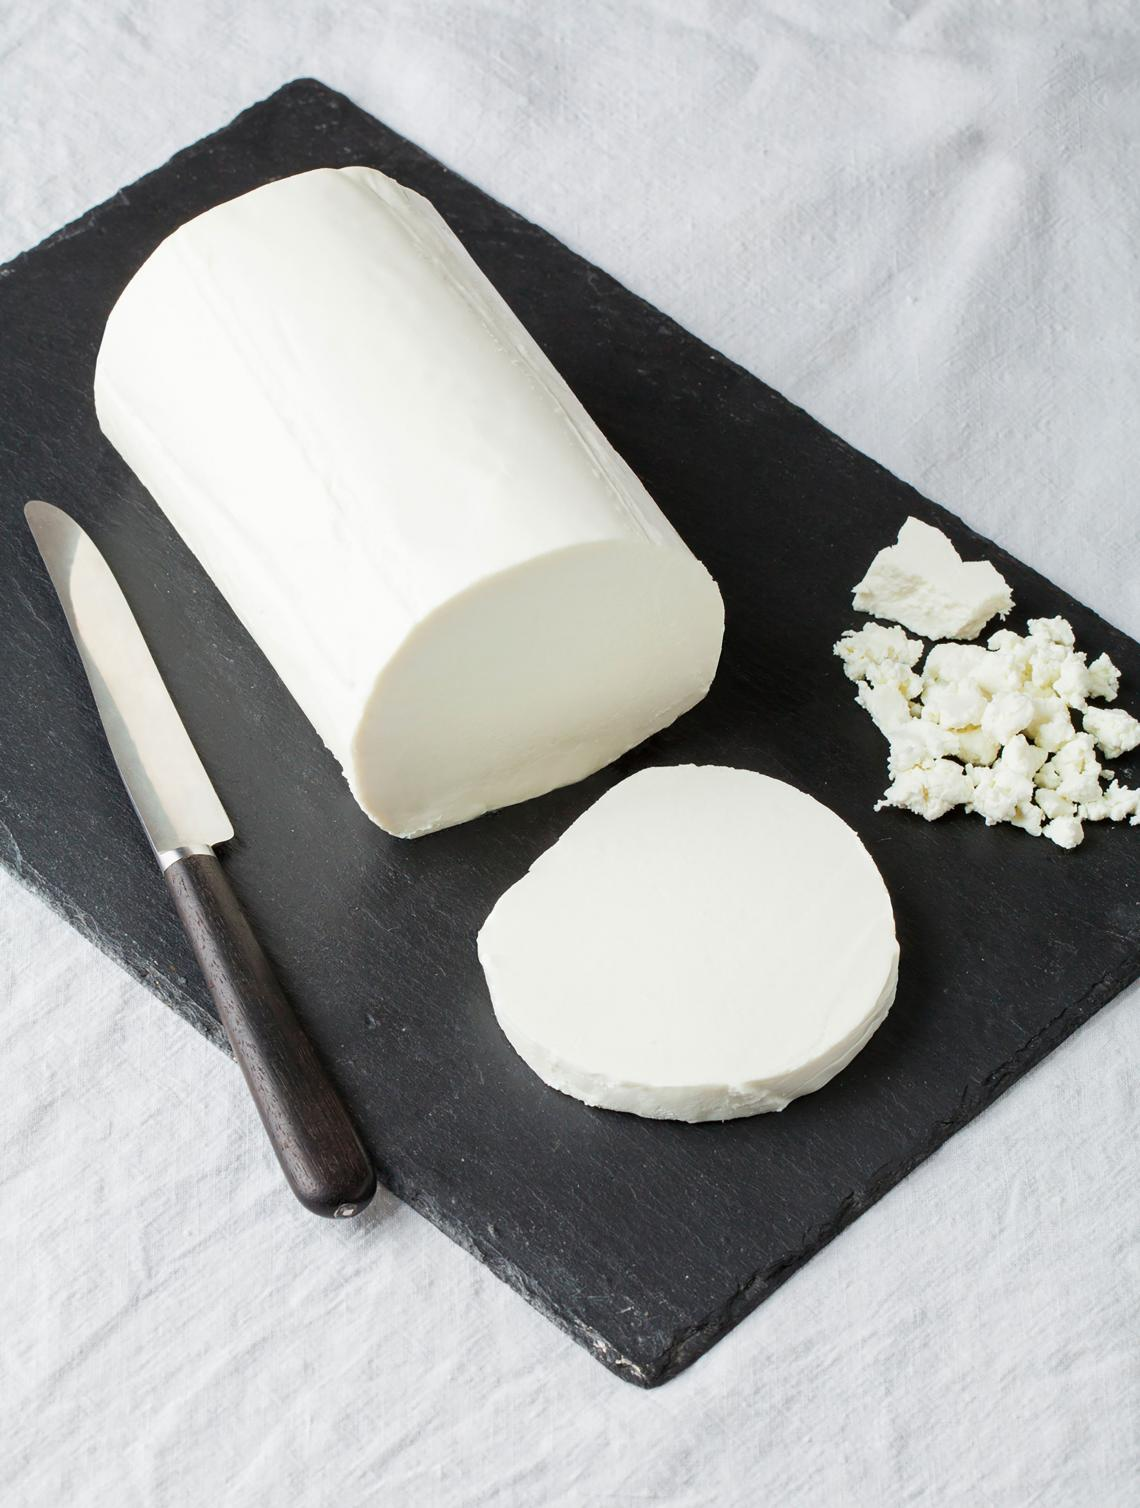 ILE DE FRANCE® Chèvre on a plate